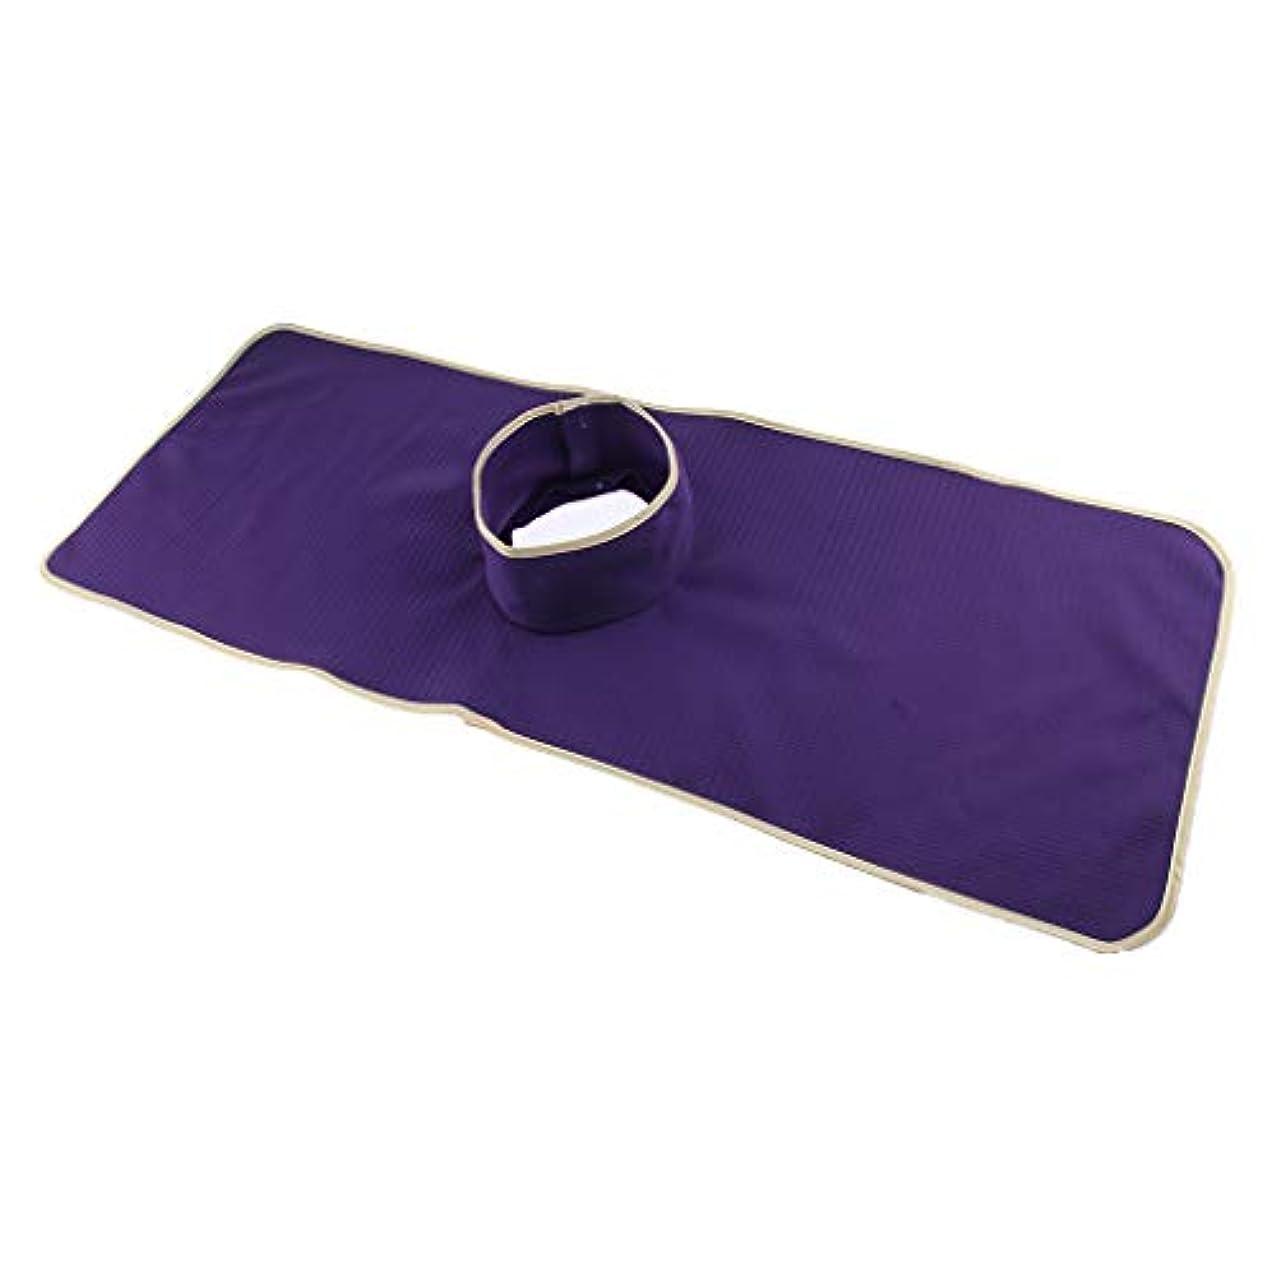 クランシー抱擁刻む洗える指圧マッサージベッドタトゥーテーブルシートパッドマットフェイスホールカバー - 紫